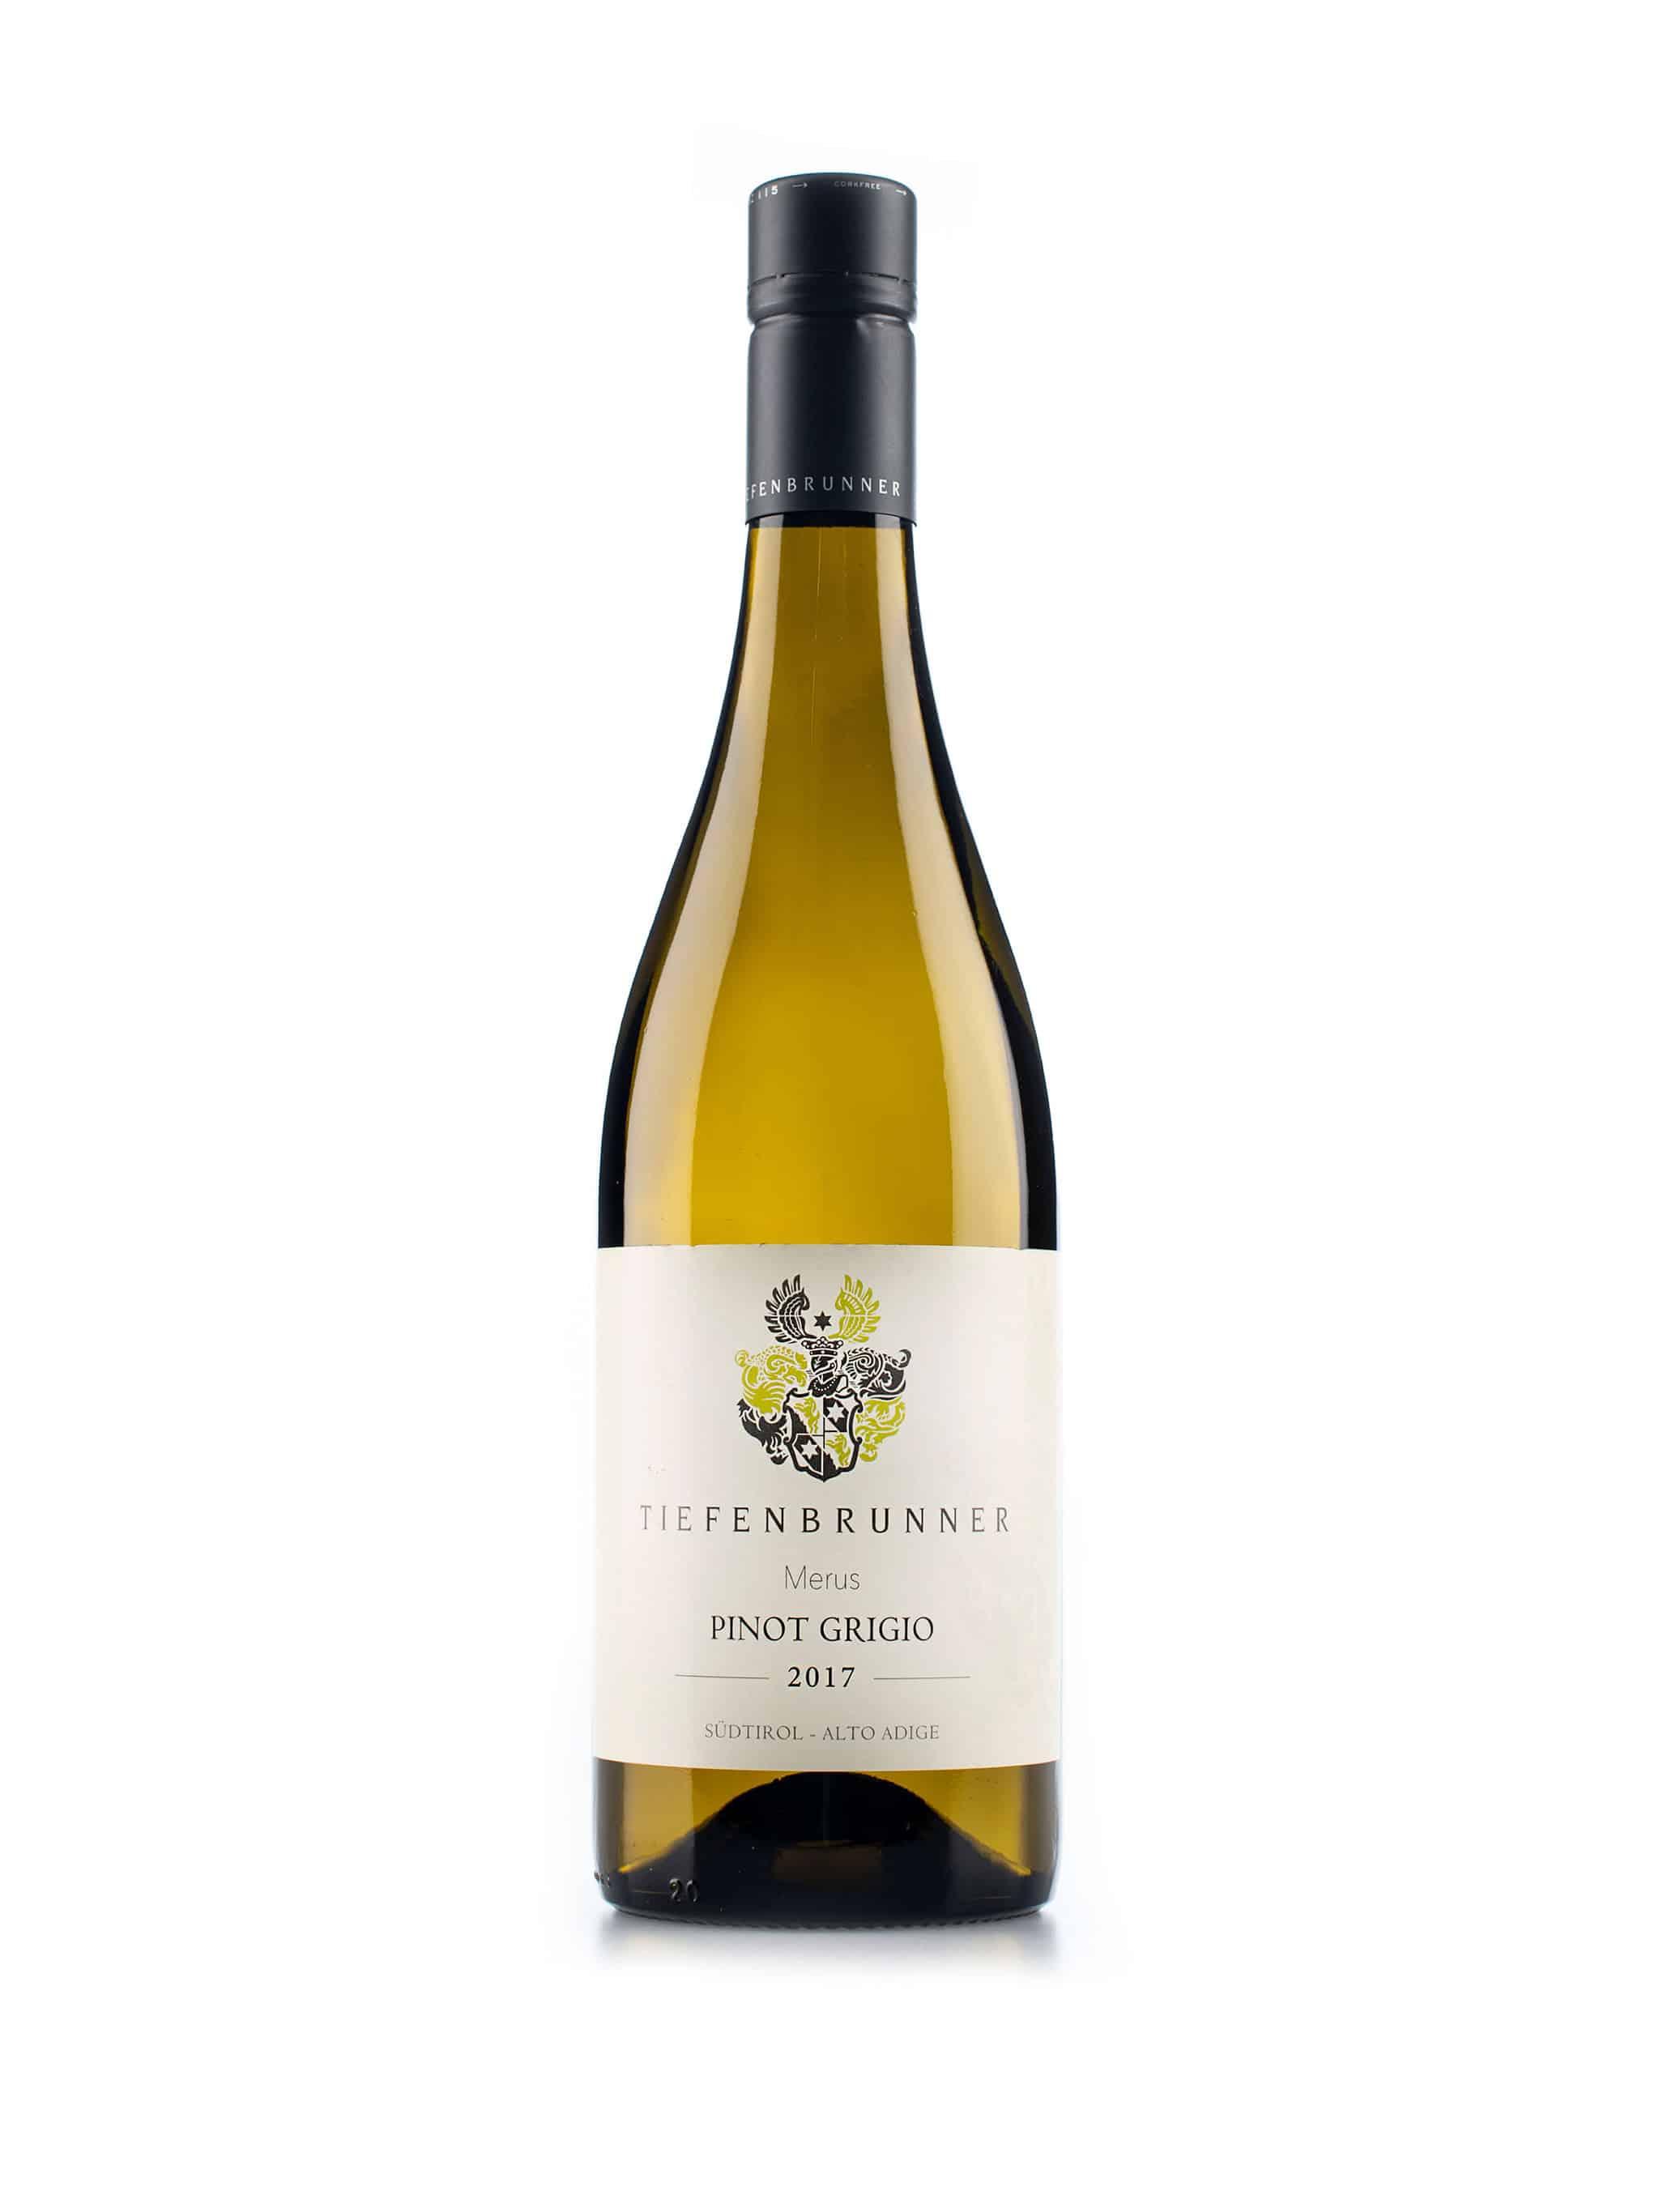 Italiaanse witte wijn van wijndomein Tiefenbrunner: Pinot Grigio